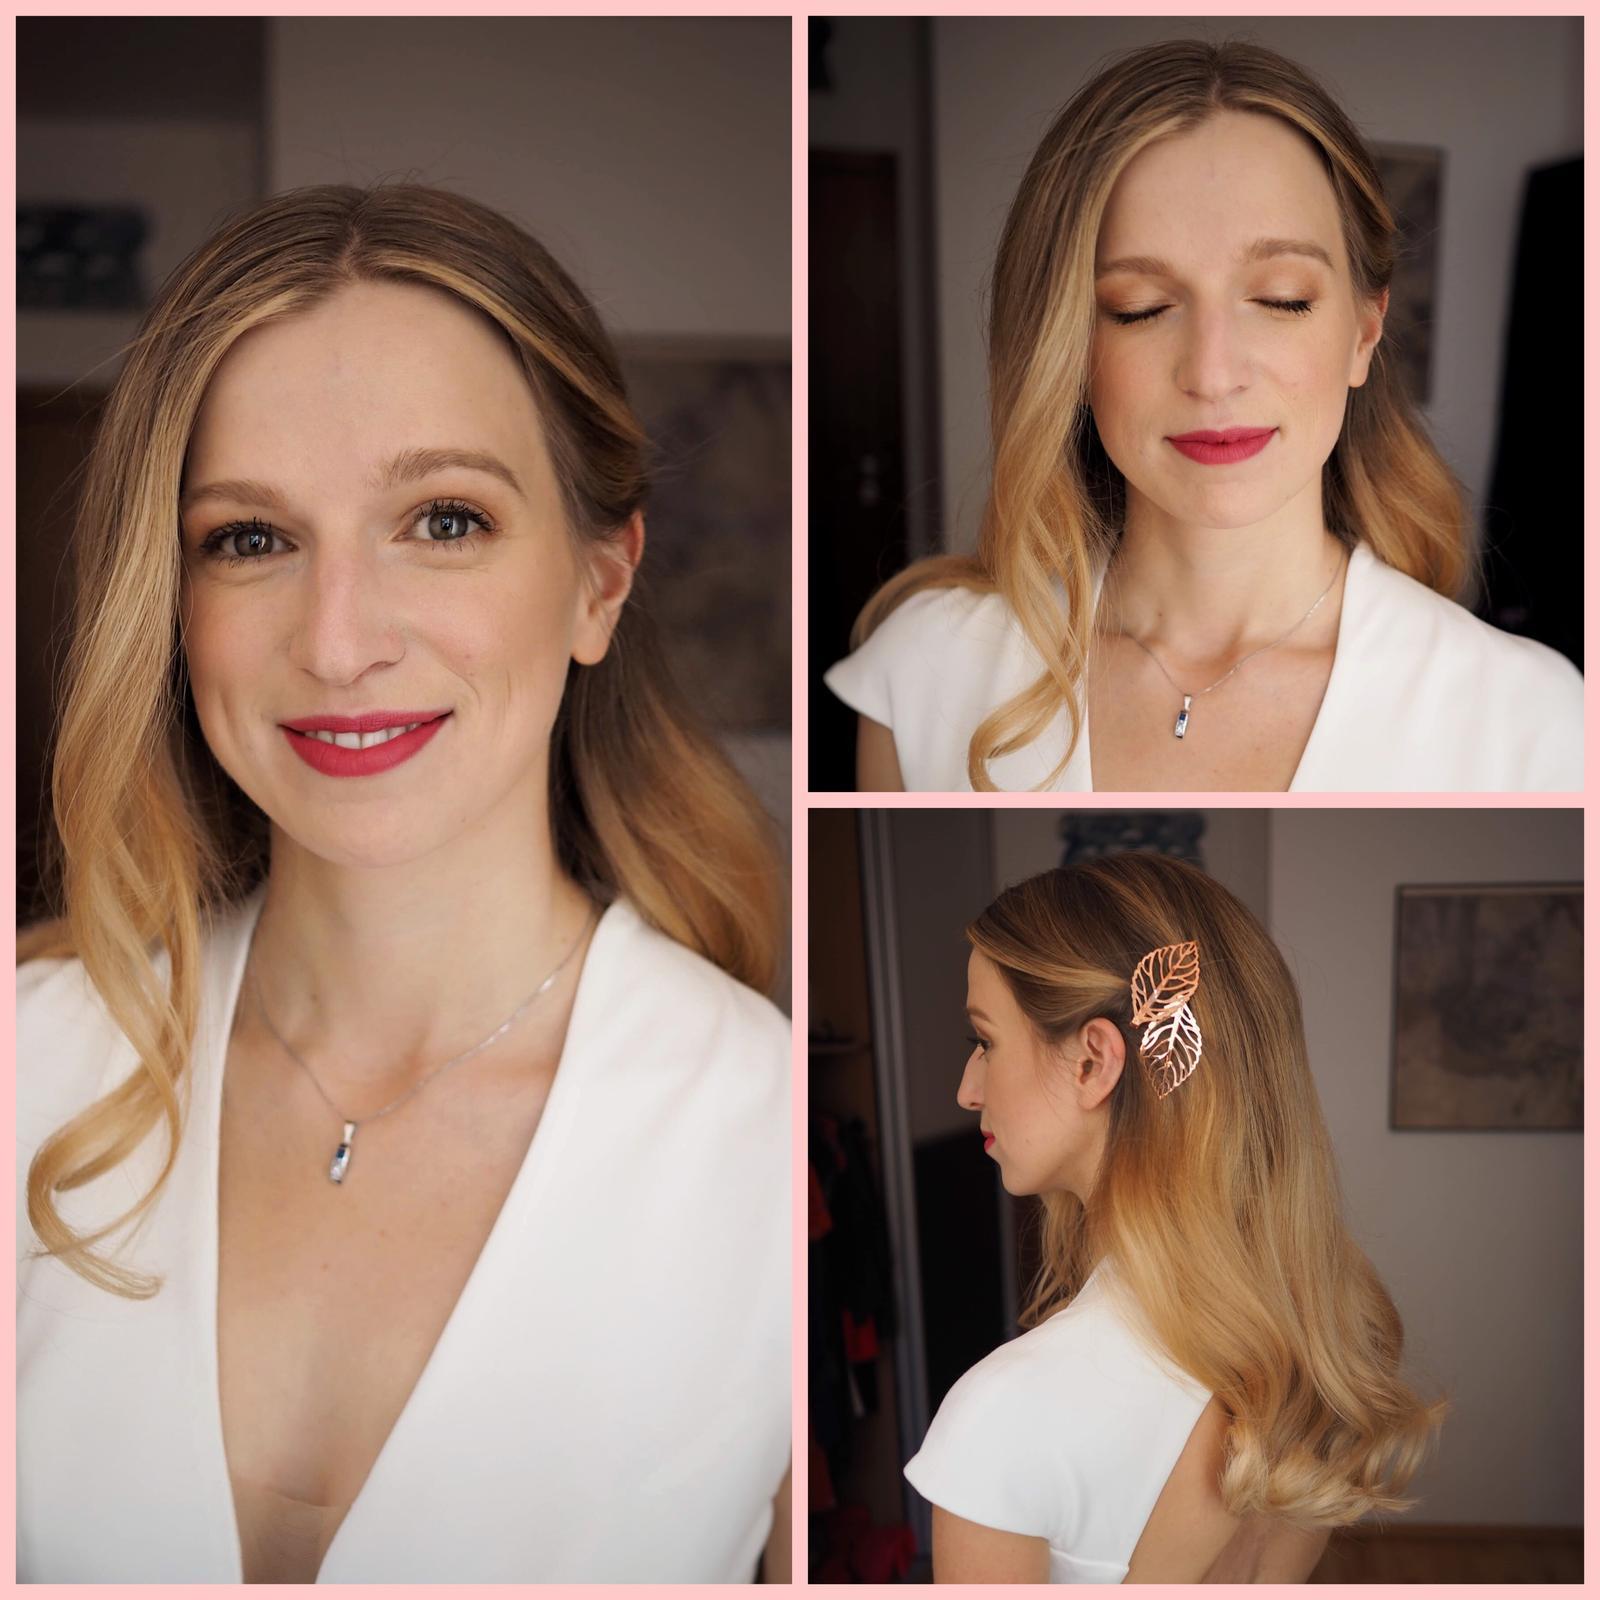 Nevěsty 2019 - Minimalistická kráska v Den D❤️,vytáhly jsme jen krásné rysy a dovolily si výraznější rtěnku💋. Vlasky měly být co nejjednodušší, jen jsme tedy podvlnily a působily lístky🌸